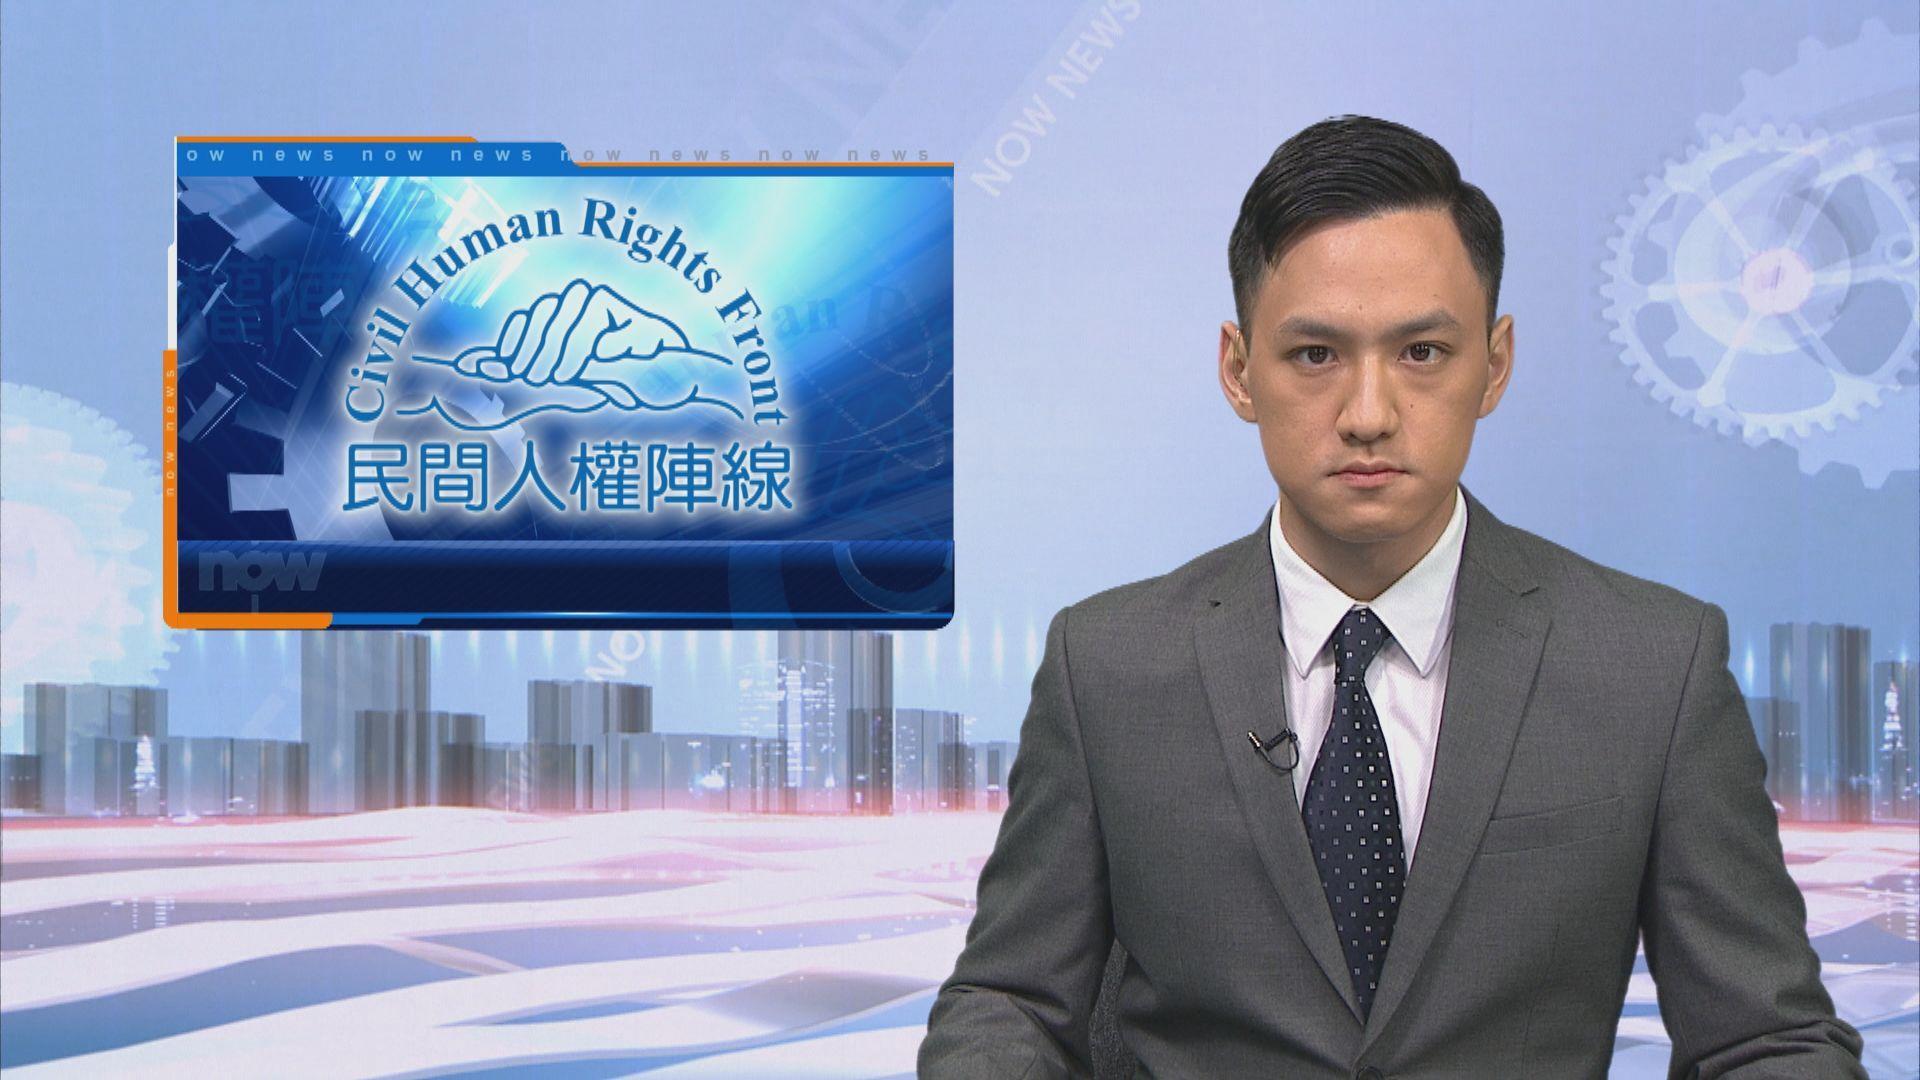 民陣十一遊行上訴被駁回 批評是人權倒退